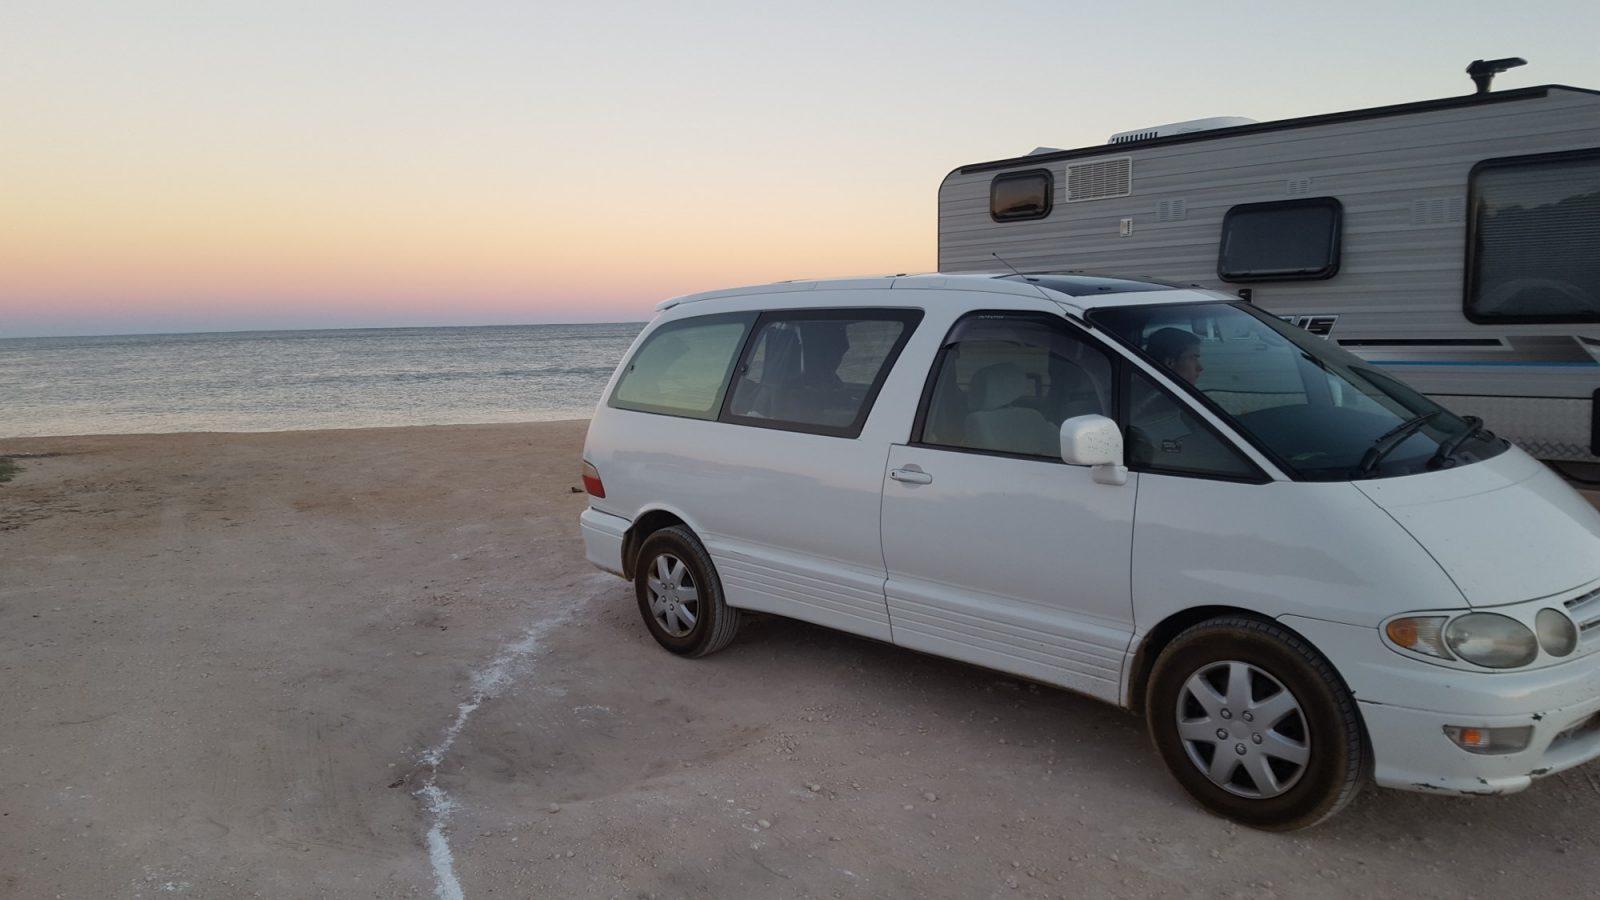 Camping gratuit plage